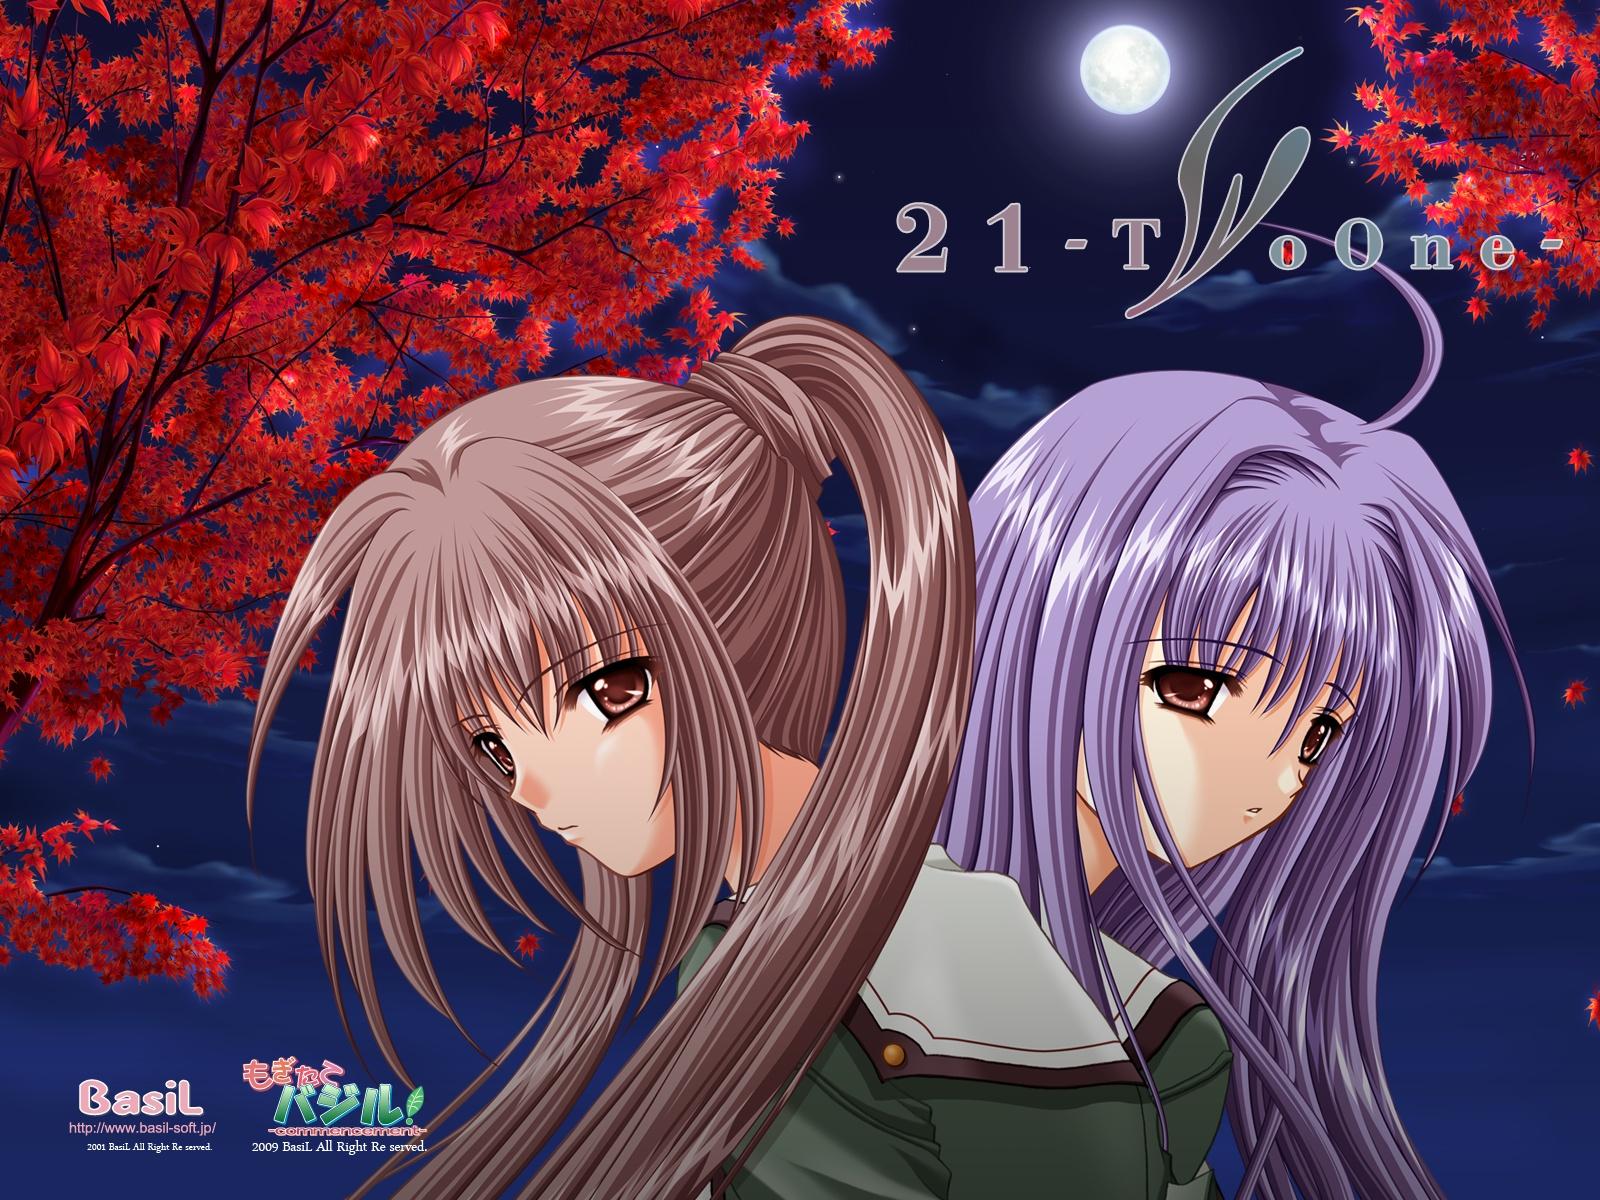 21 blue_hair brown_eyes brown_hair futami_mao futami_mio long_hair school_uniform twins